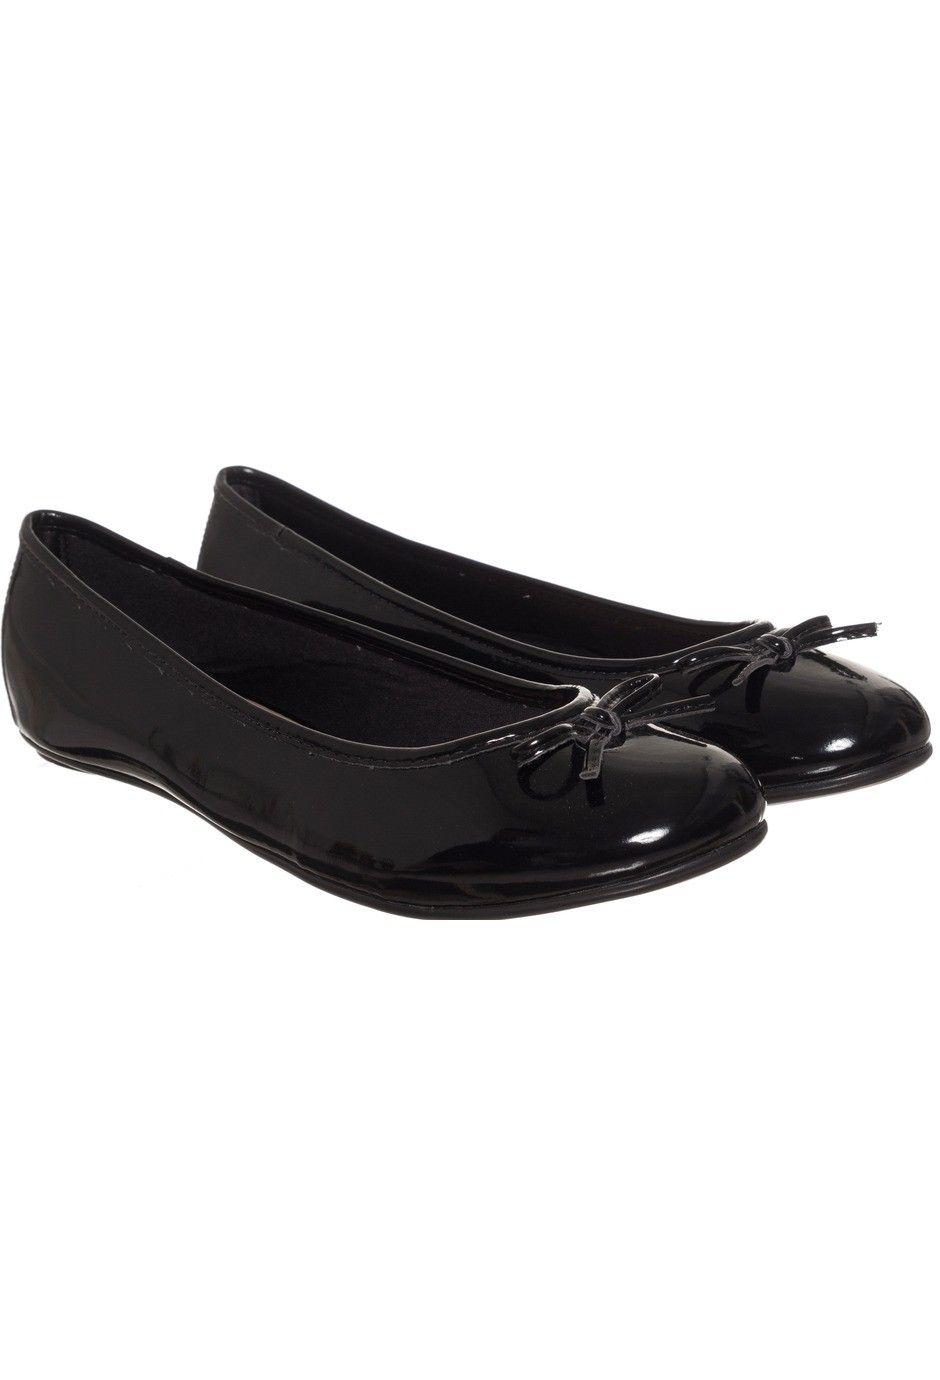 7d31e1d060 Via Uno - Ballerinas 15110201 charol negro Flats Negro